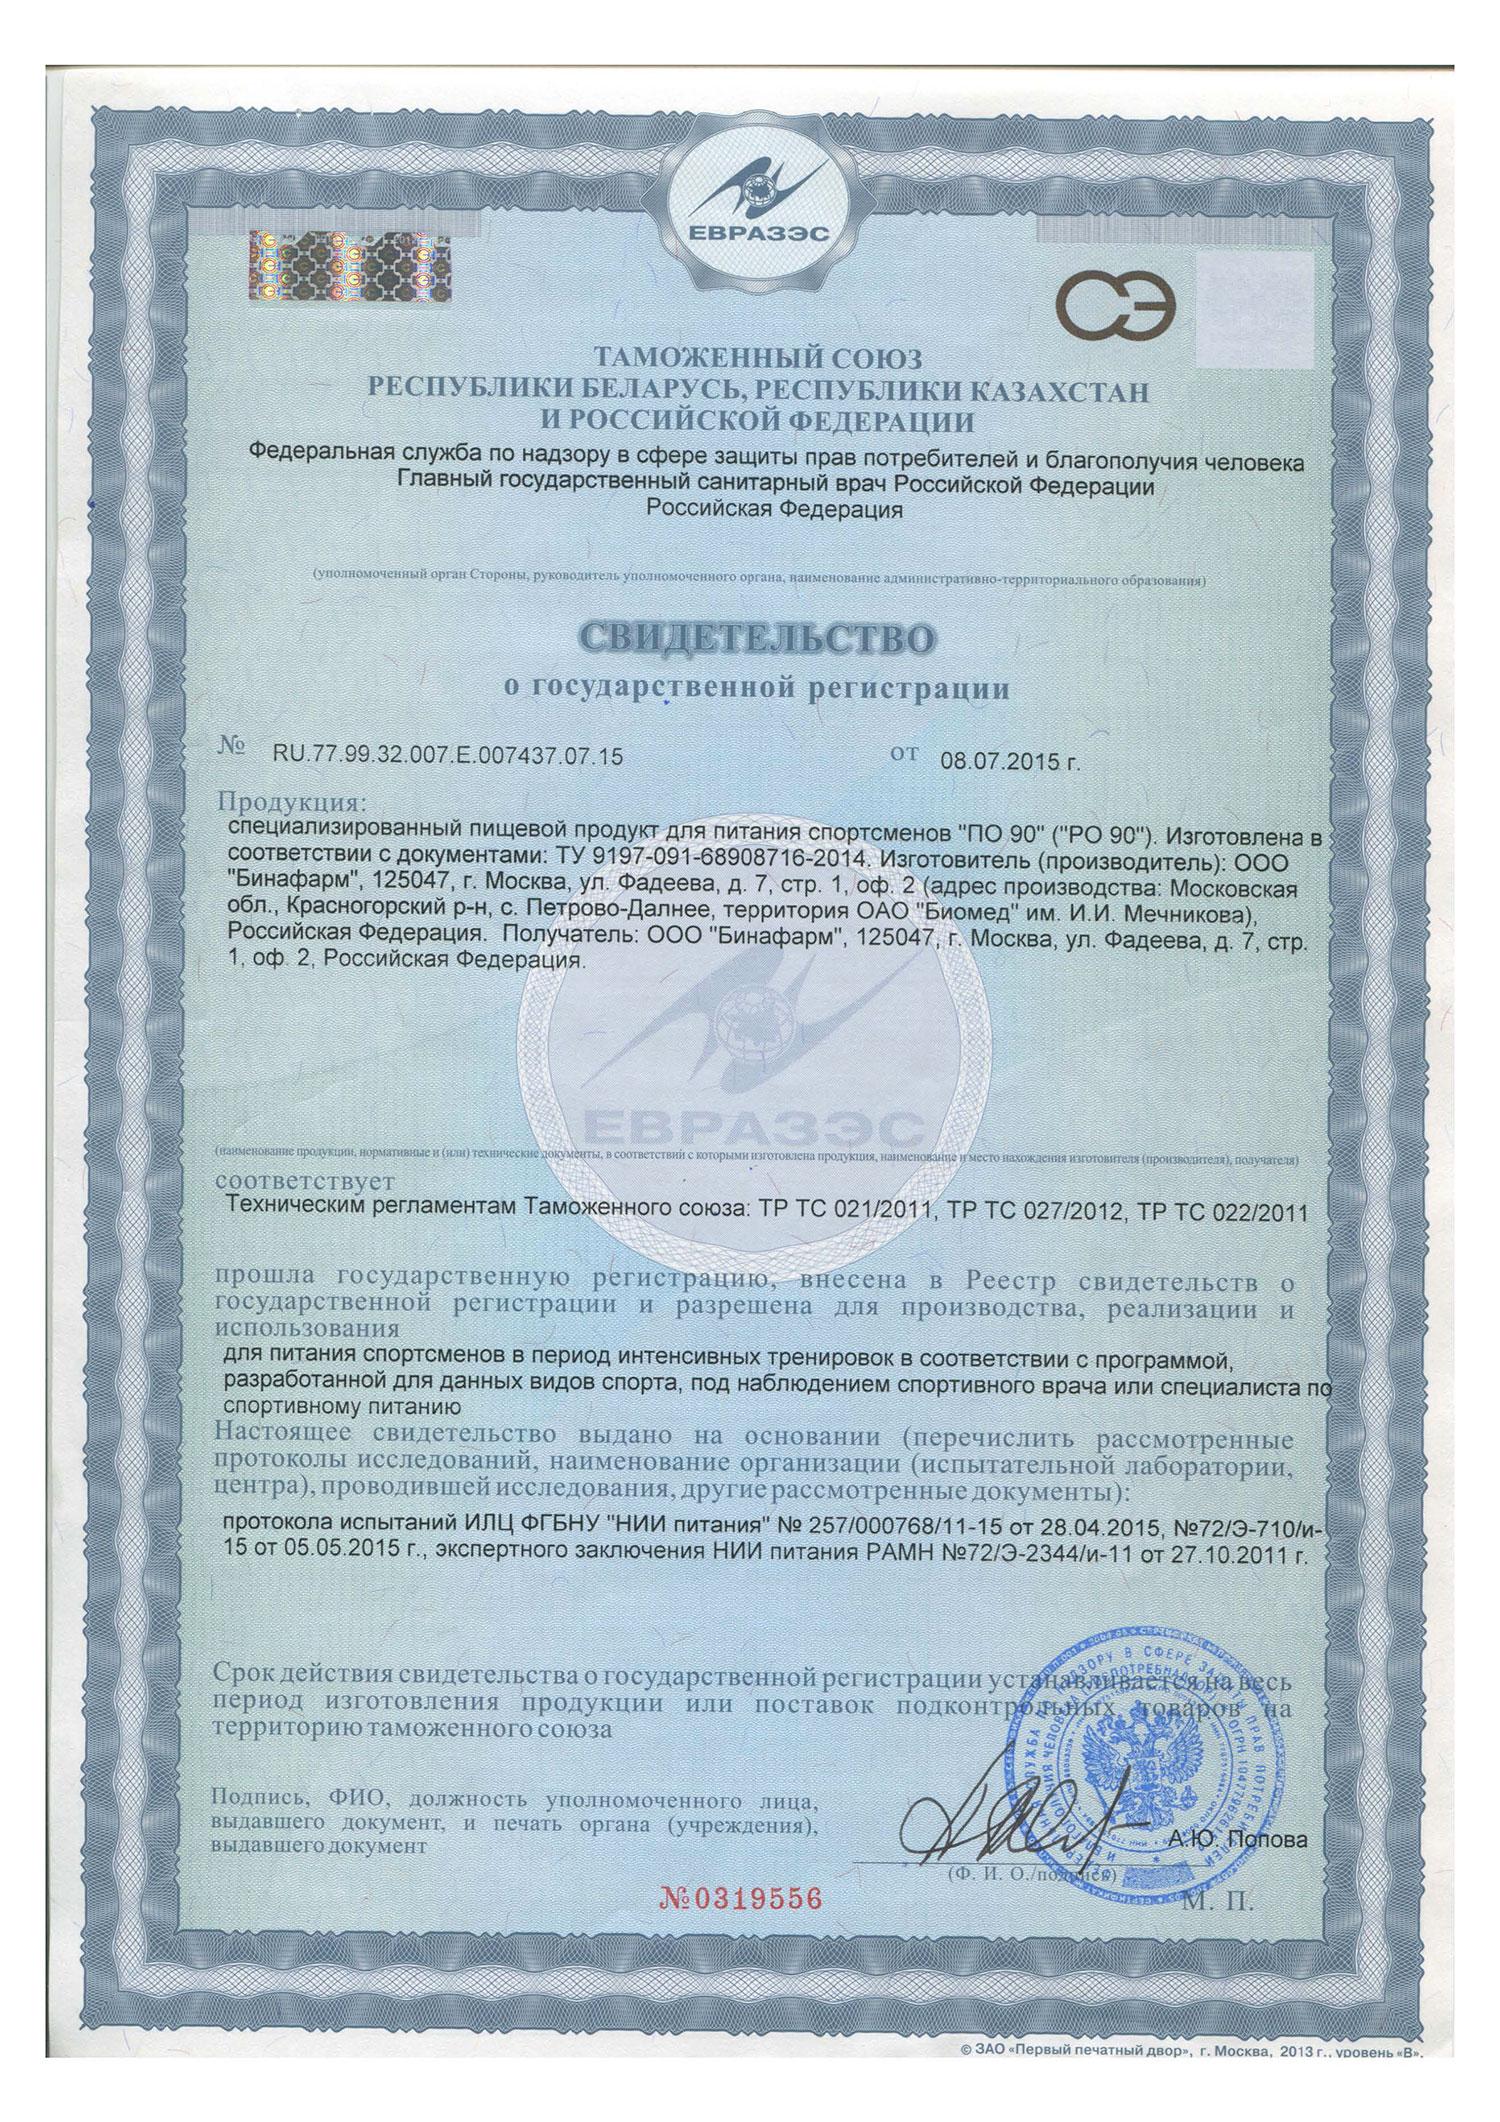 Сертификат PO-90